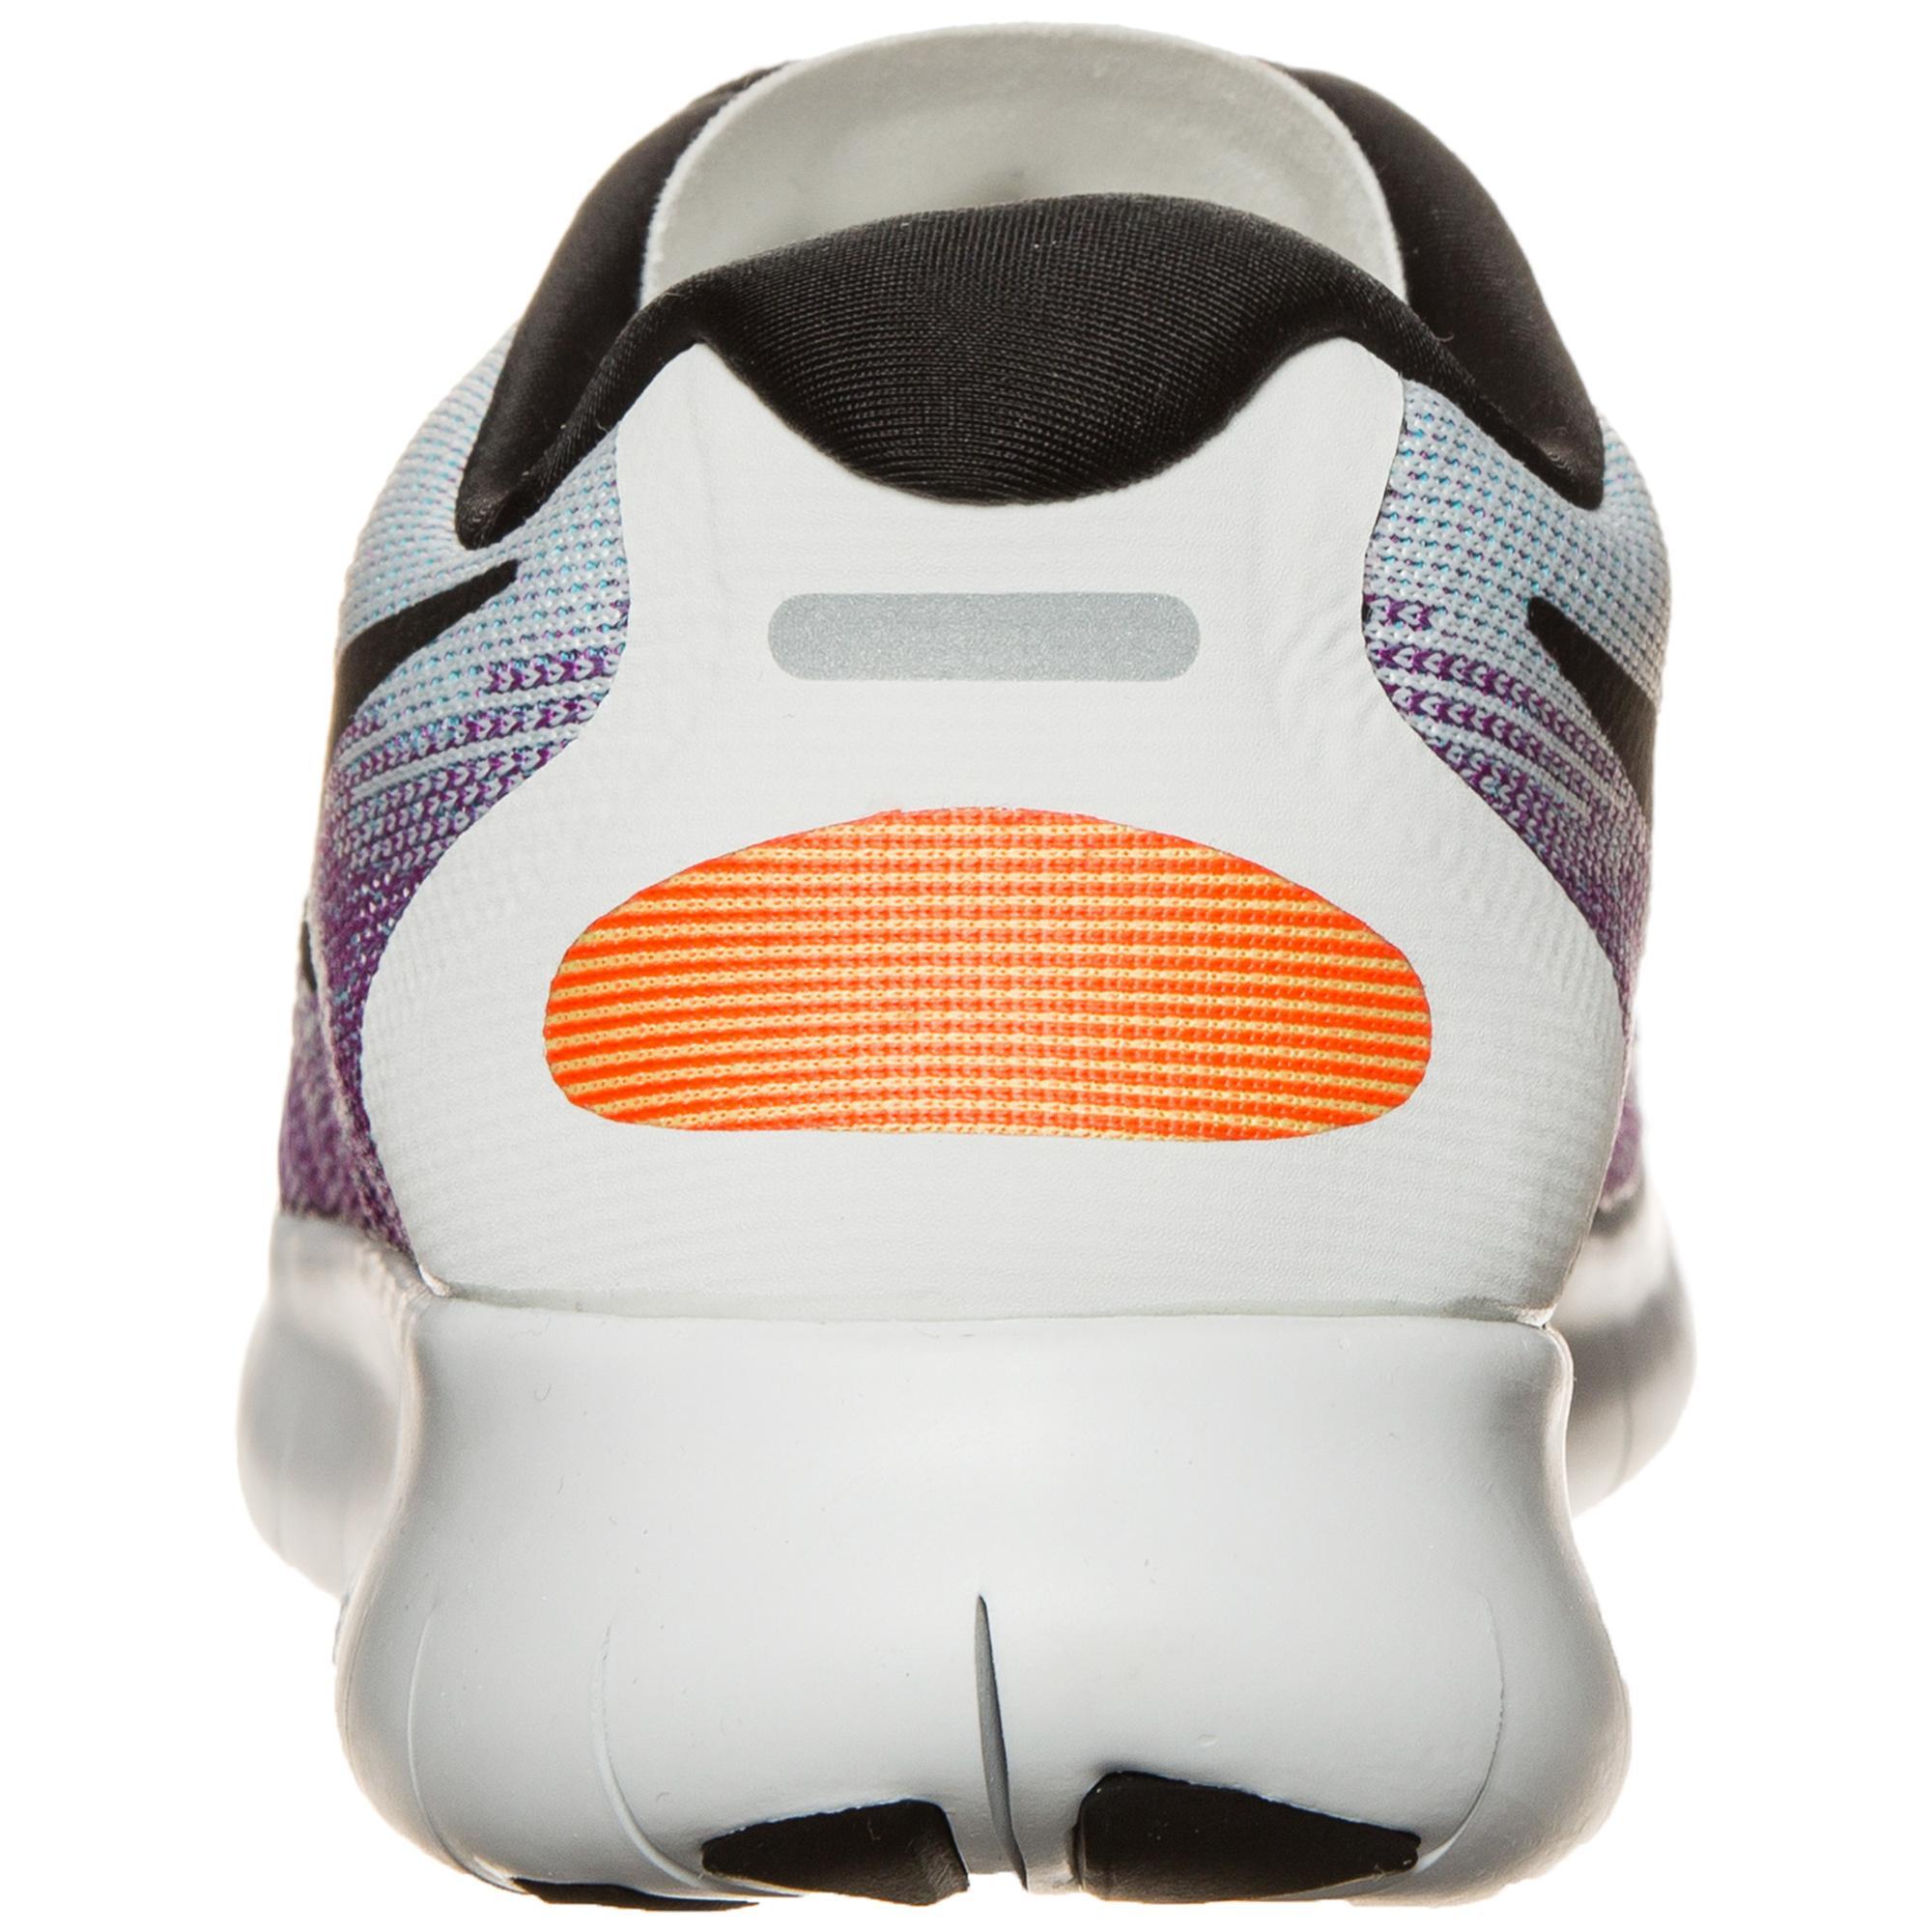 Nike Free RN 2017 Laufschuhe Damen weiß   lila lila lila   Orange im Online Shop von SportScheck kaufen Gute Qualität beliebte Schuhe 655442